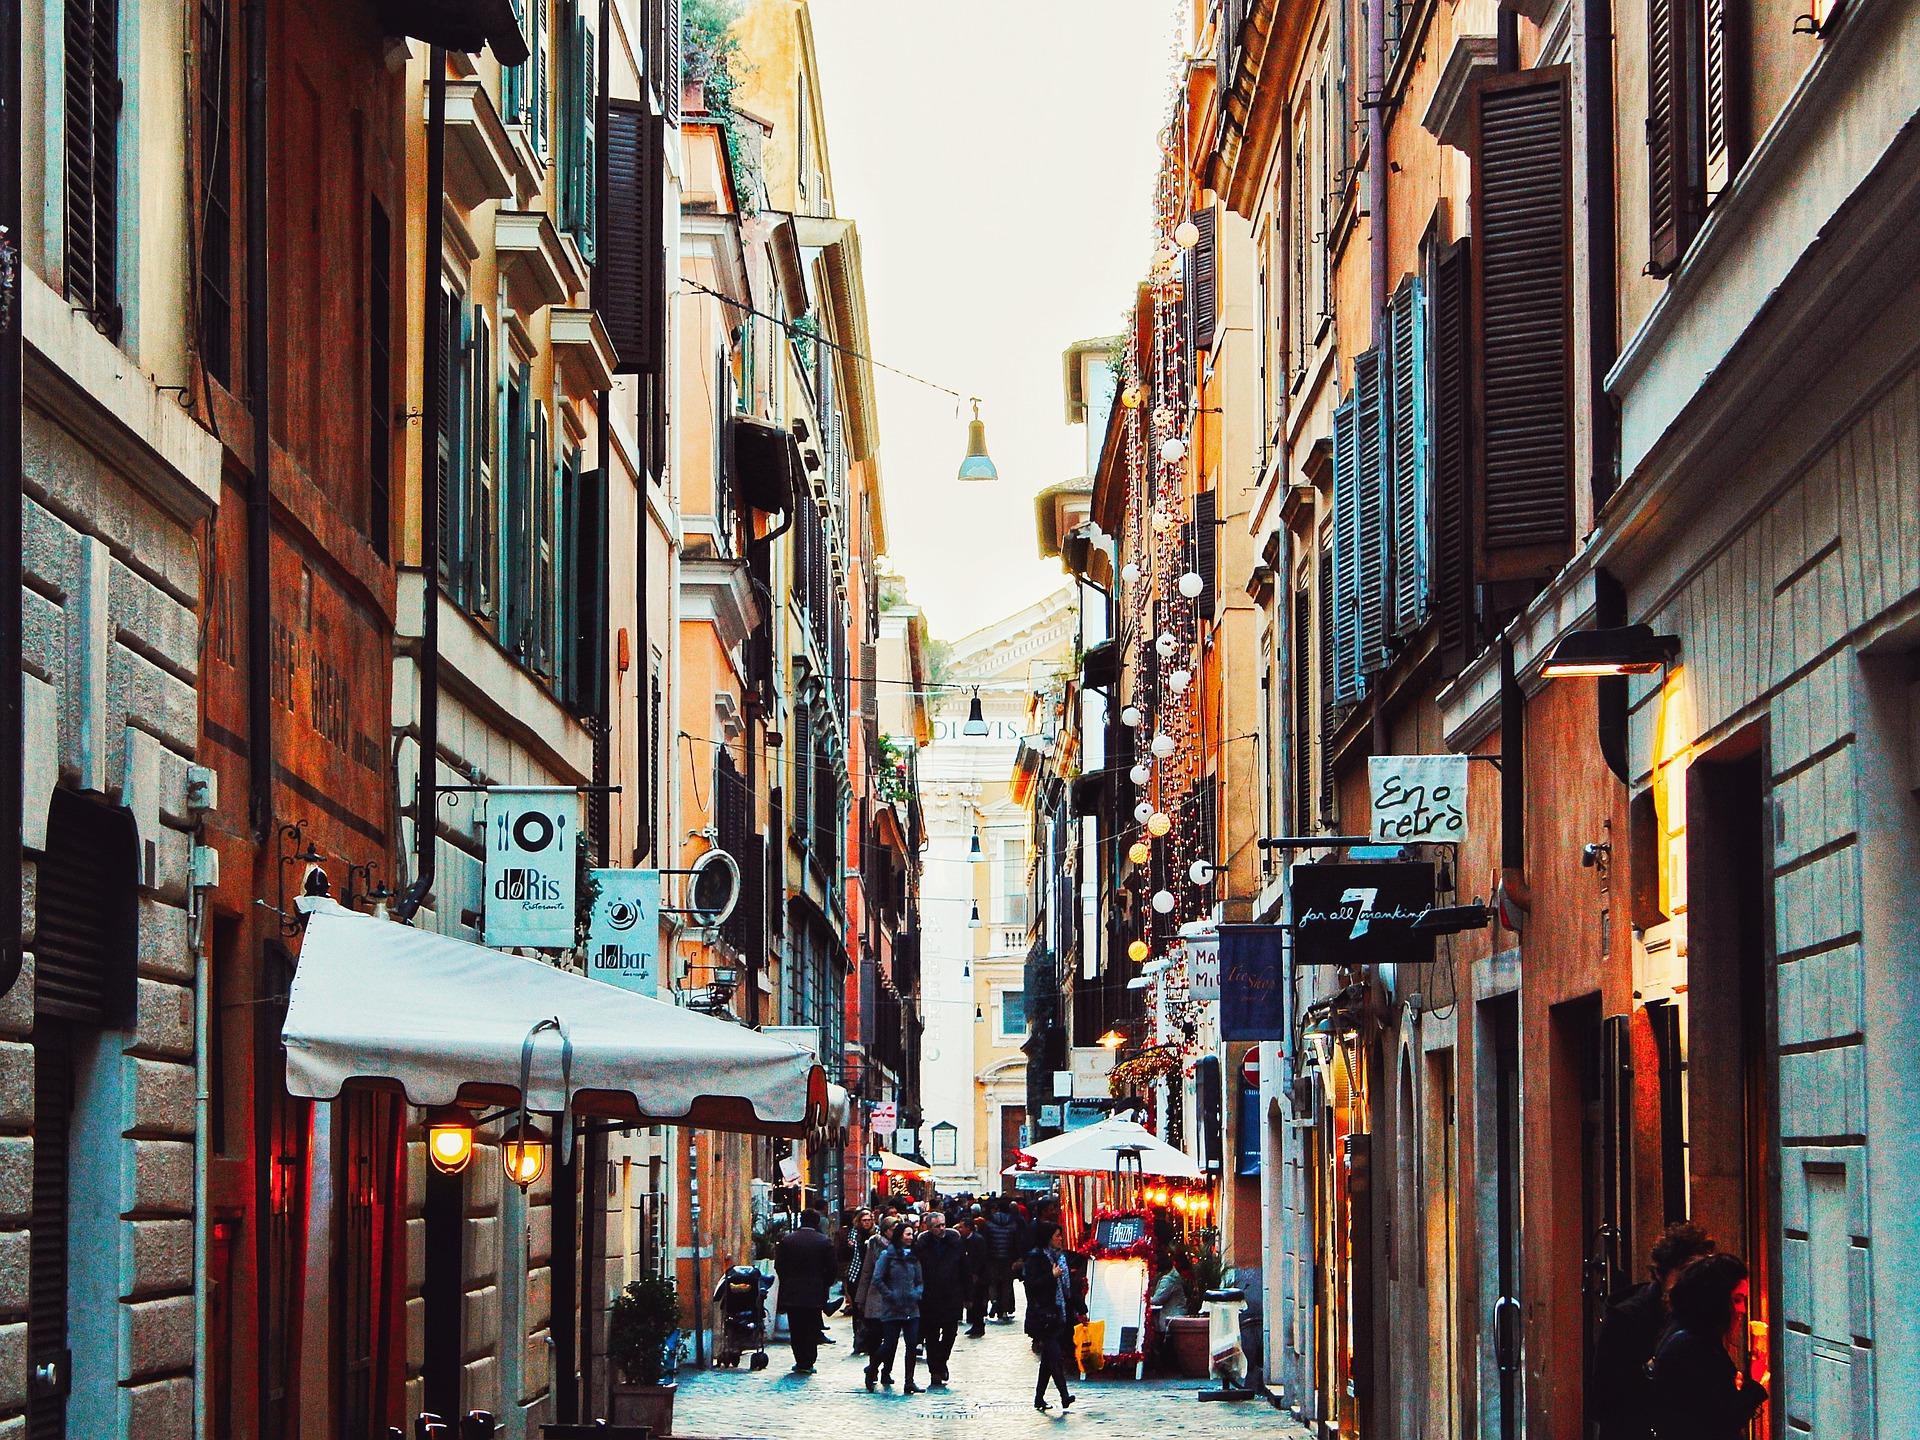 ecco i principali luoghi di interesse da non perdere in un itinerario nel centro storico di Roma